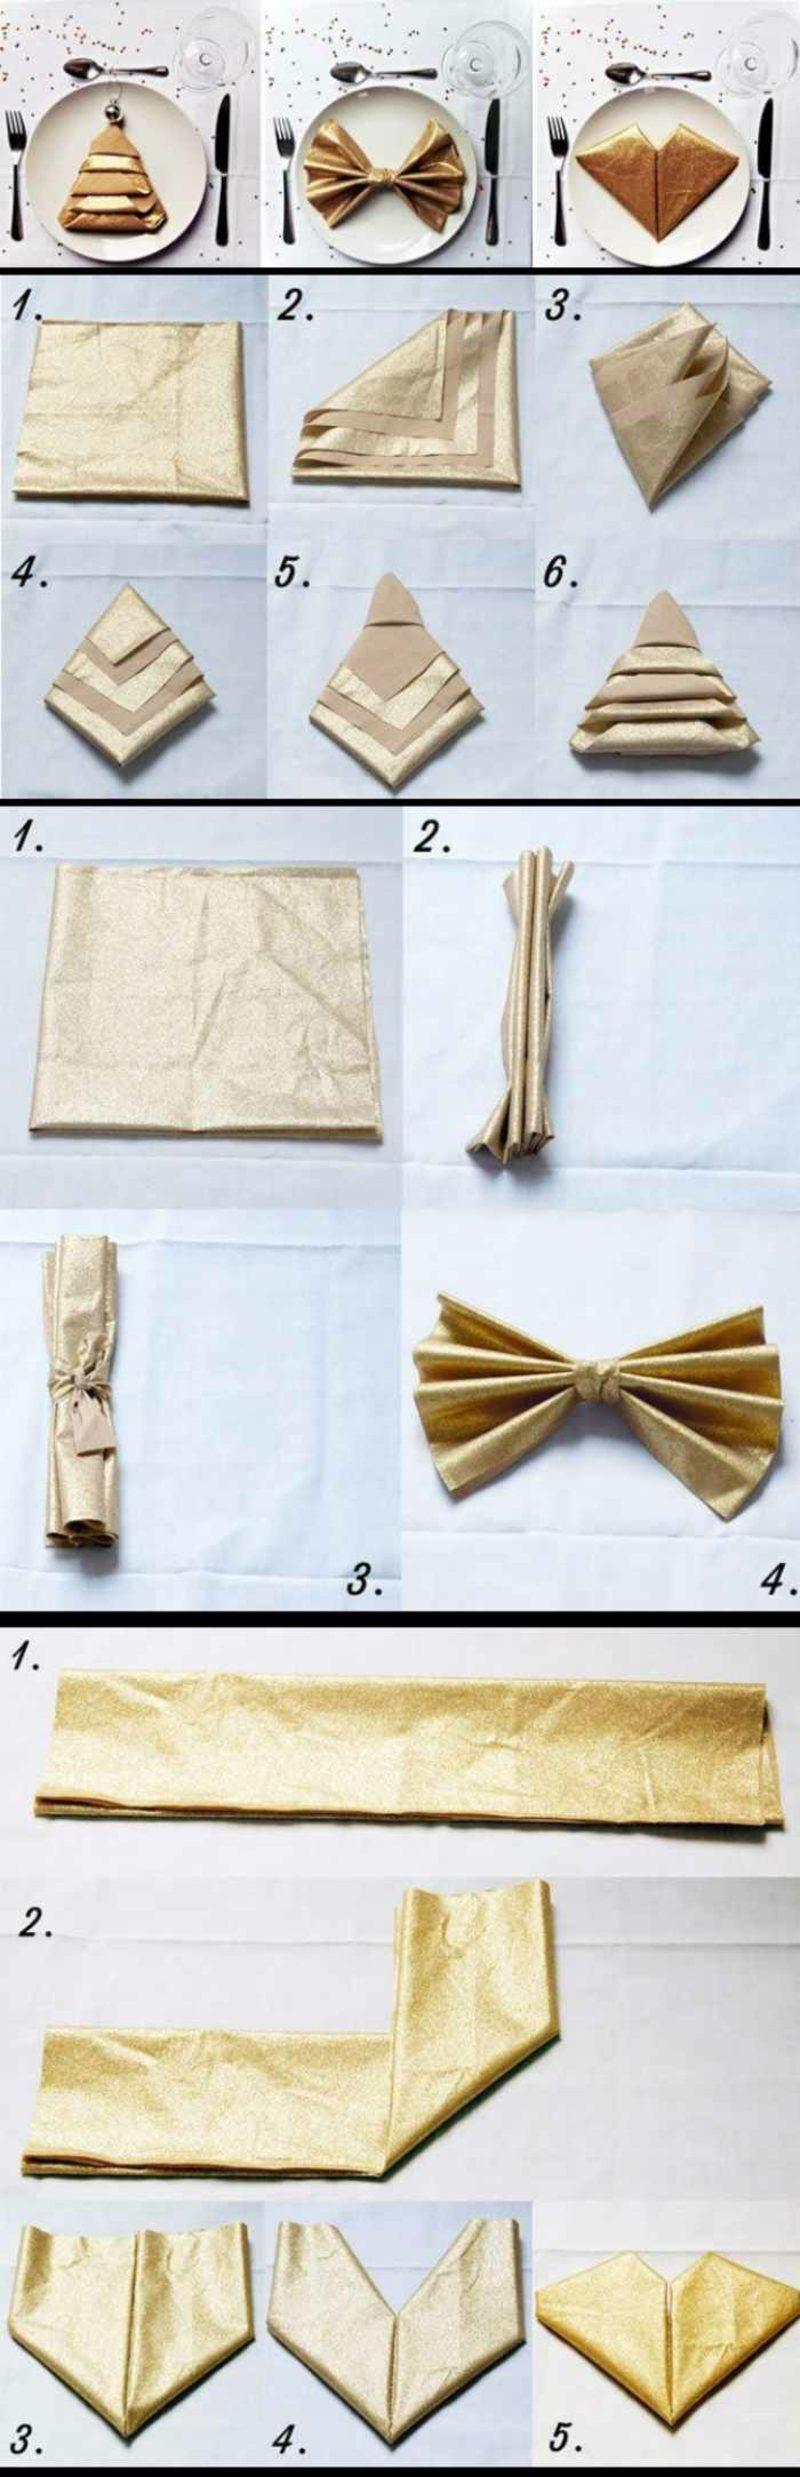 Servietten falten zu Weihnachten Bilderanleitung